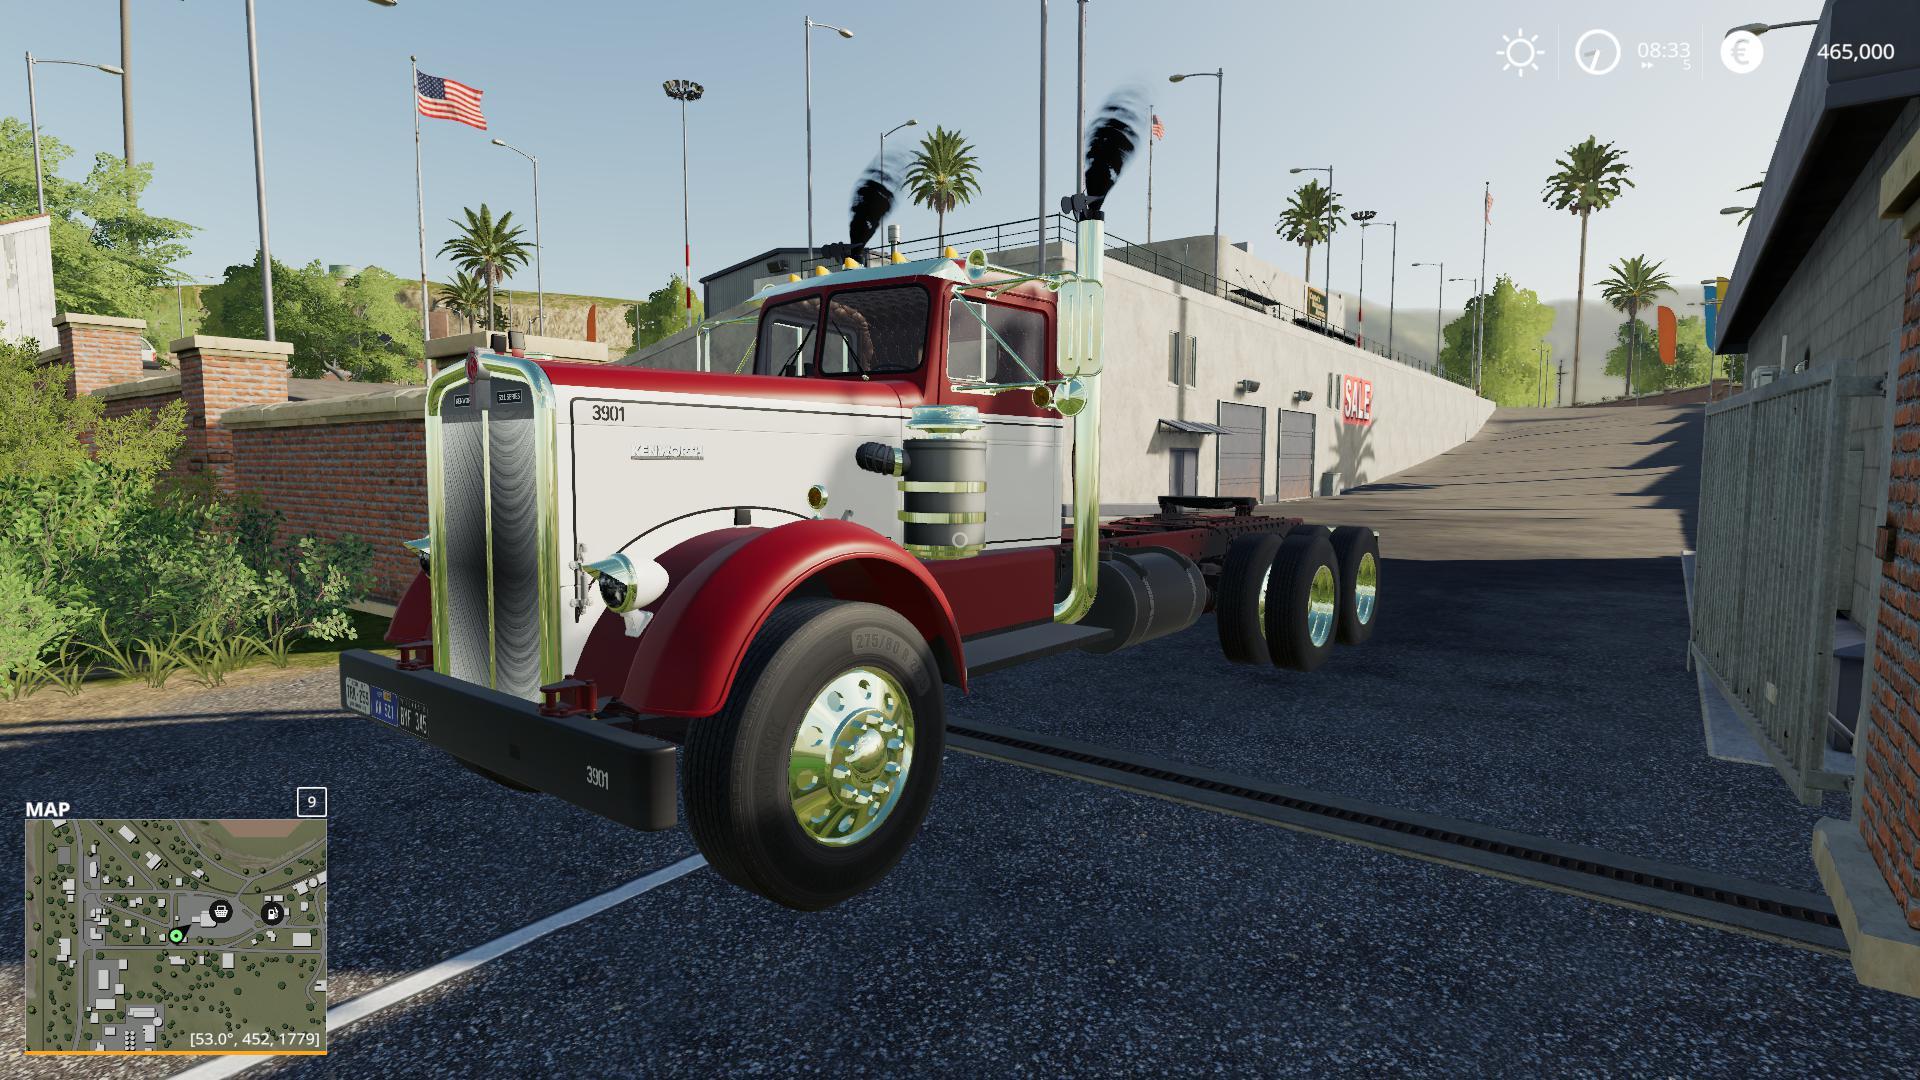 Kenworth 521 v2.0 FS19   Landwirtschafts Simulator 19 Mods ...Kenworth Dump Trucks Fs19